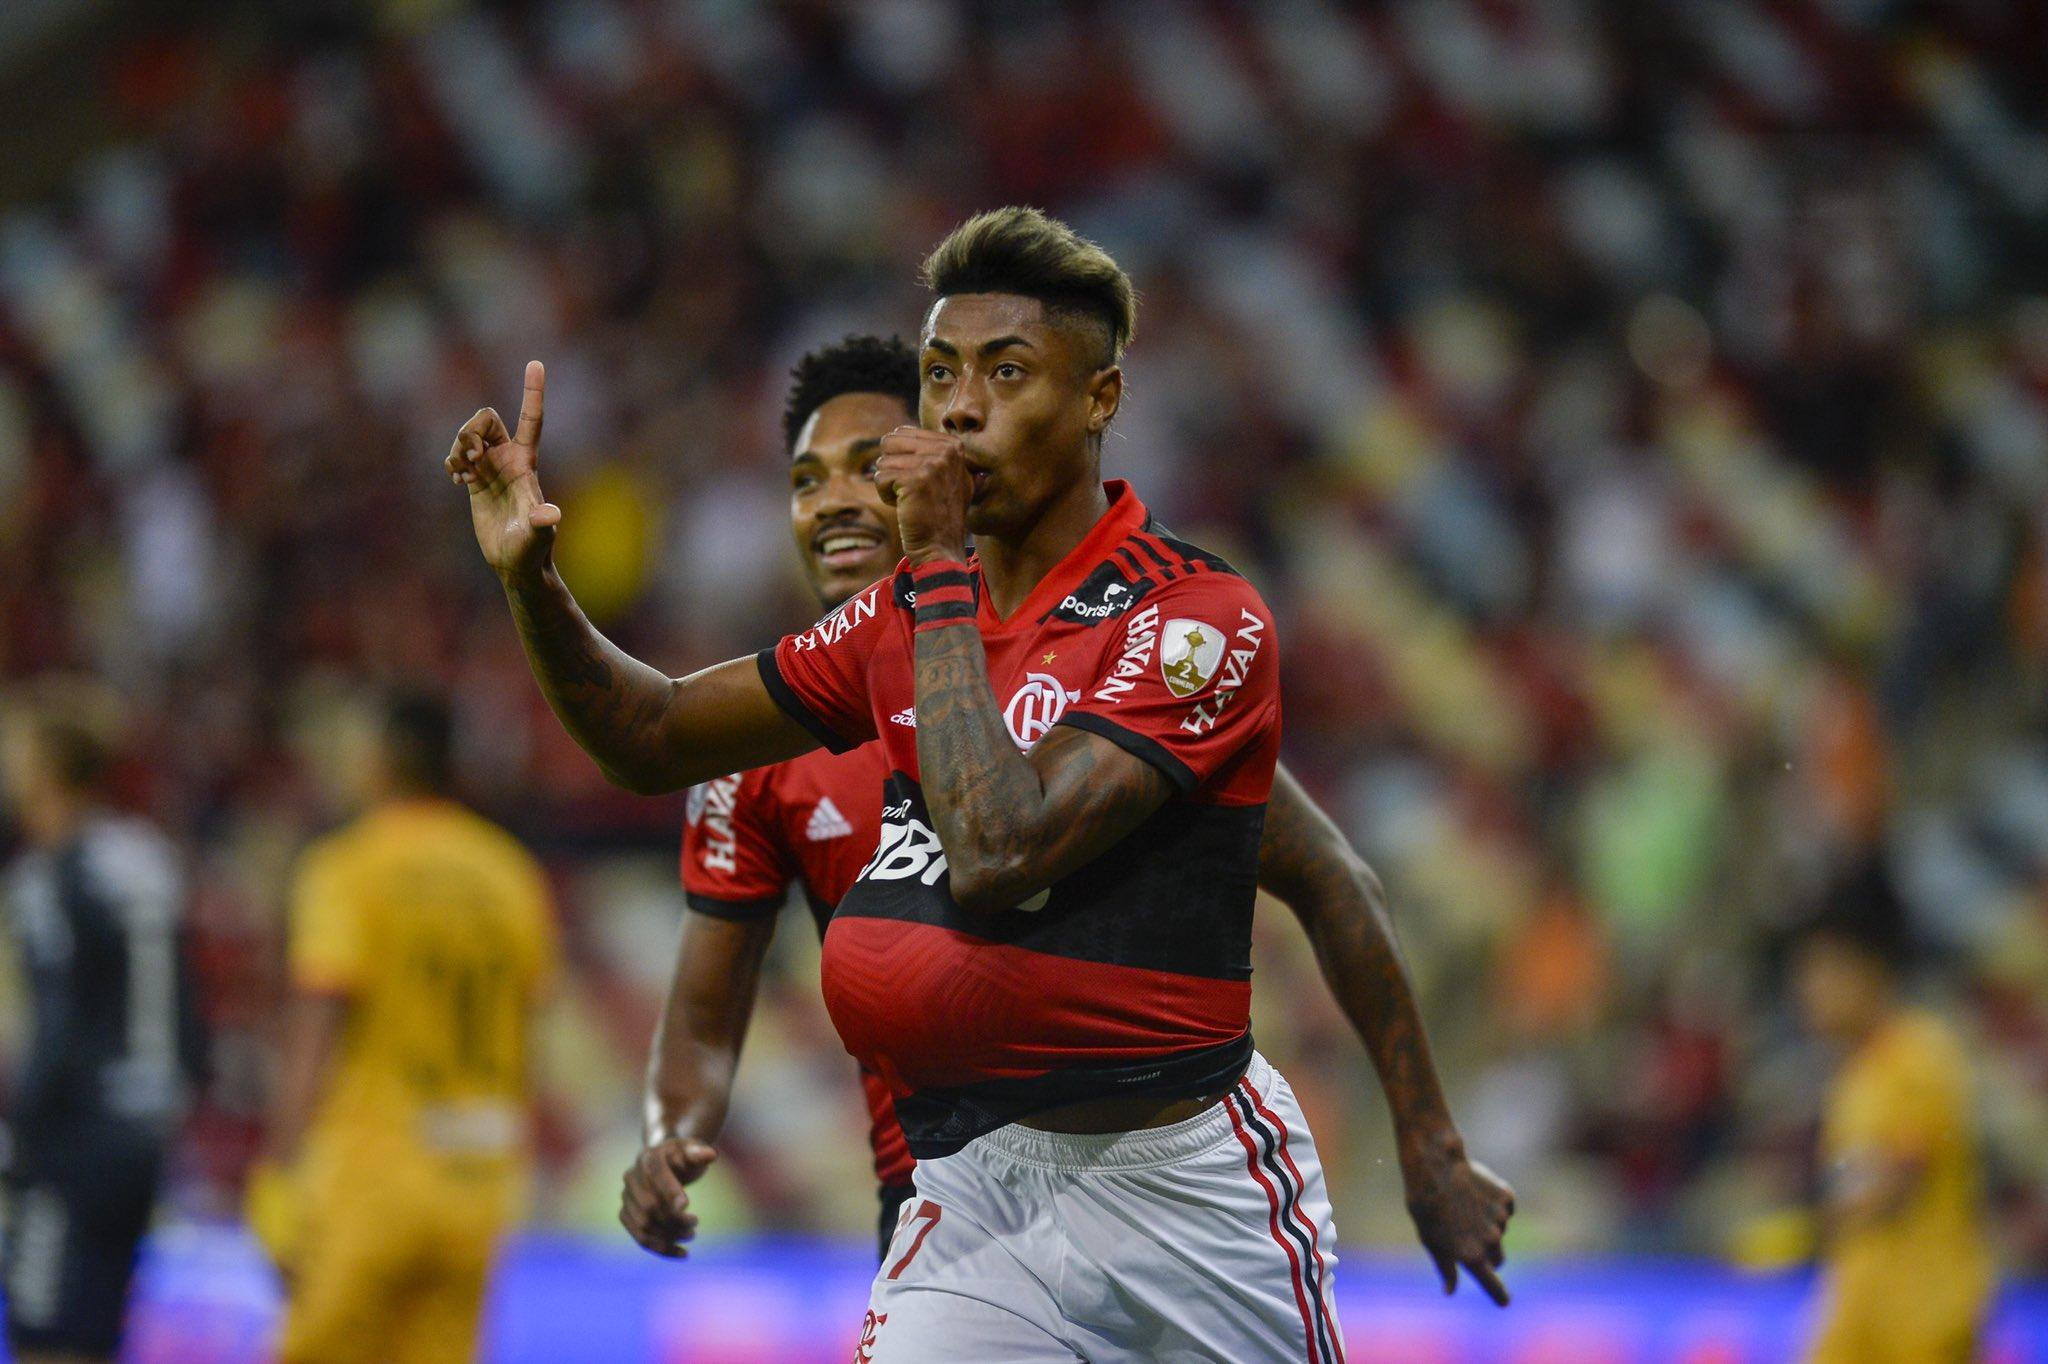 Primeiro jogo aconteceu no Maracanã